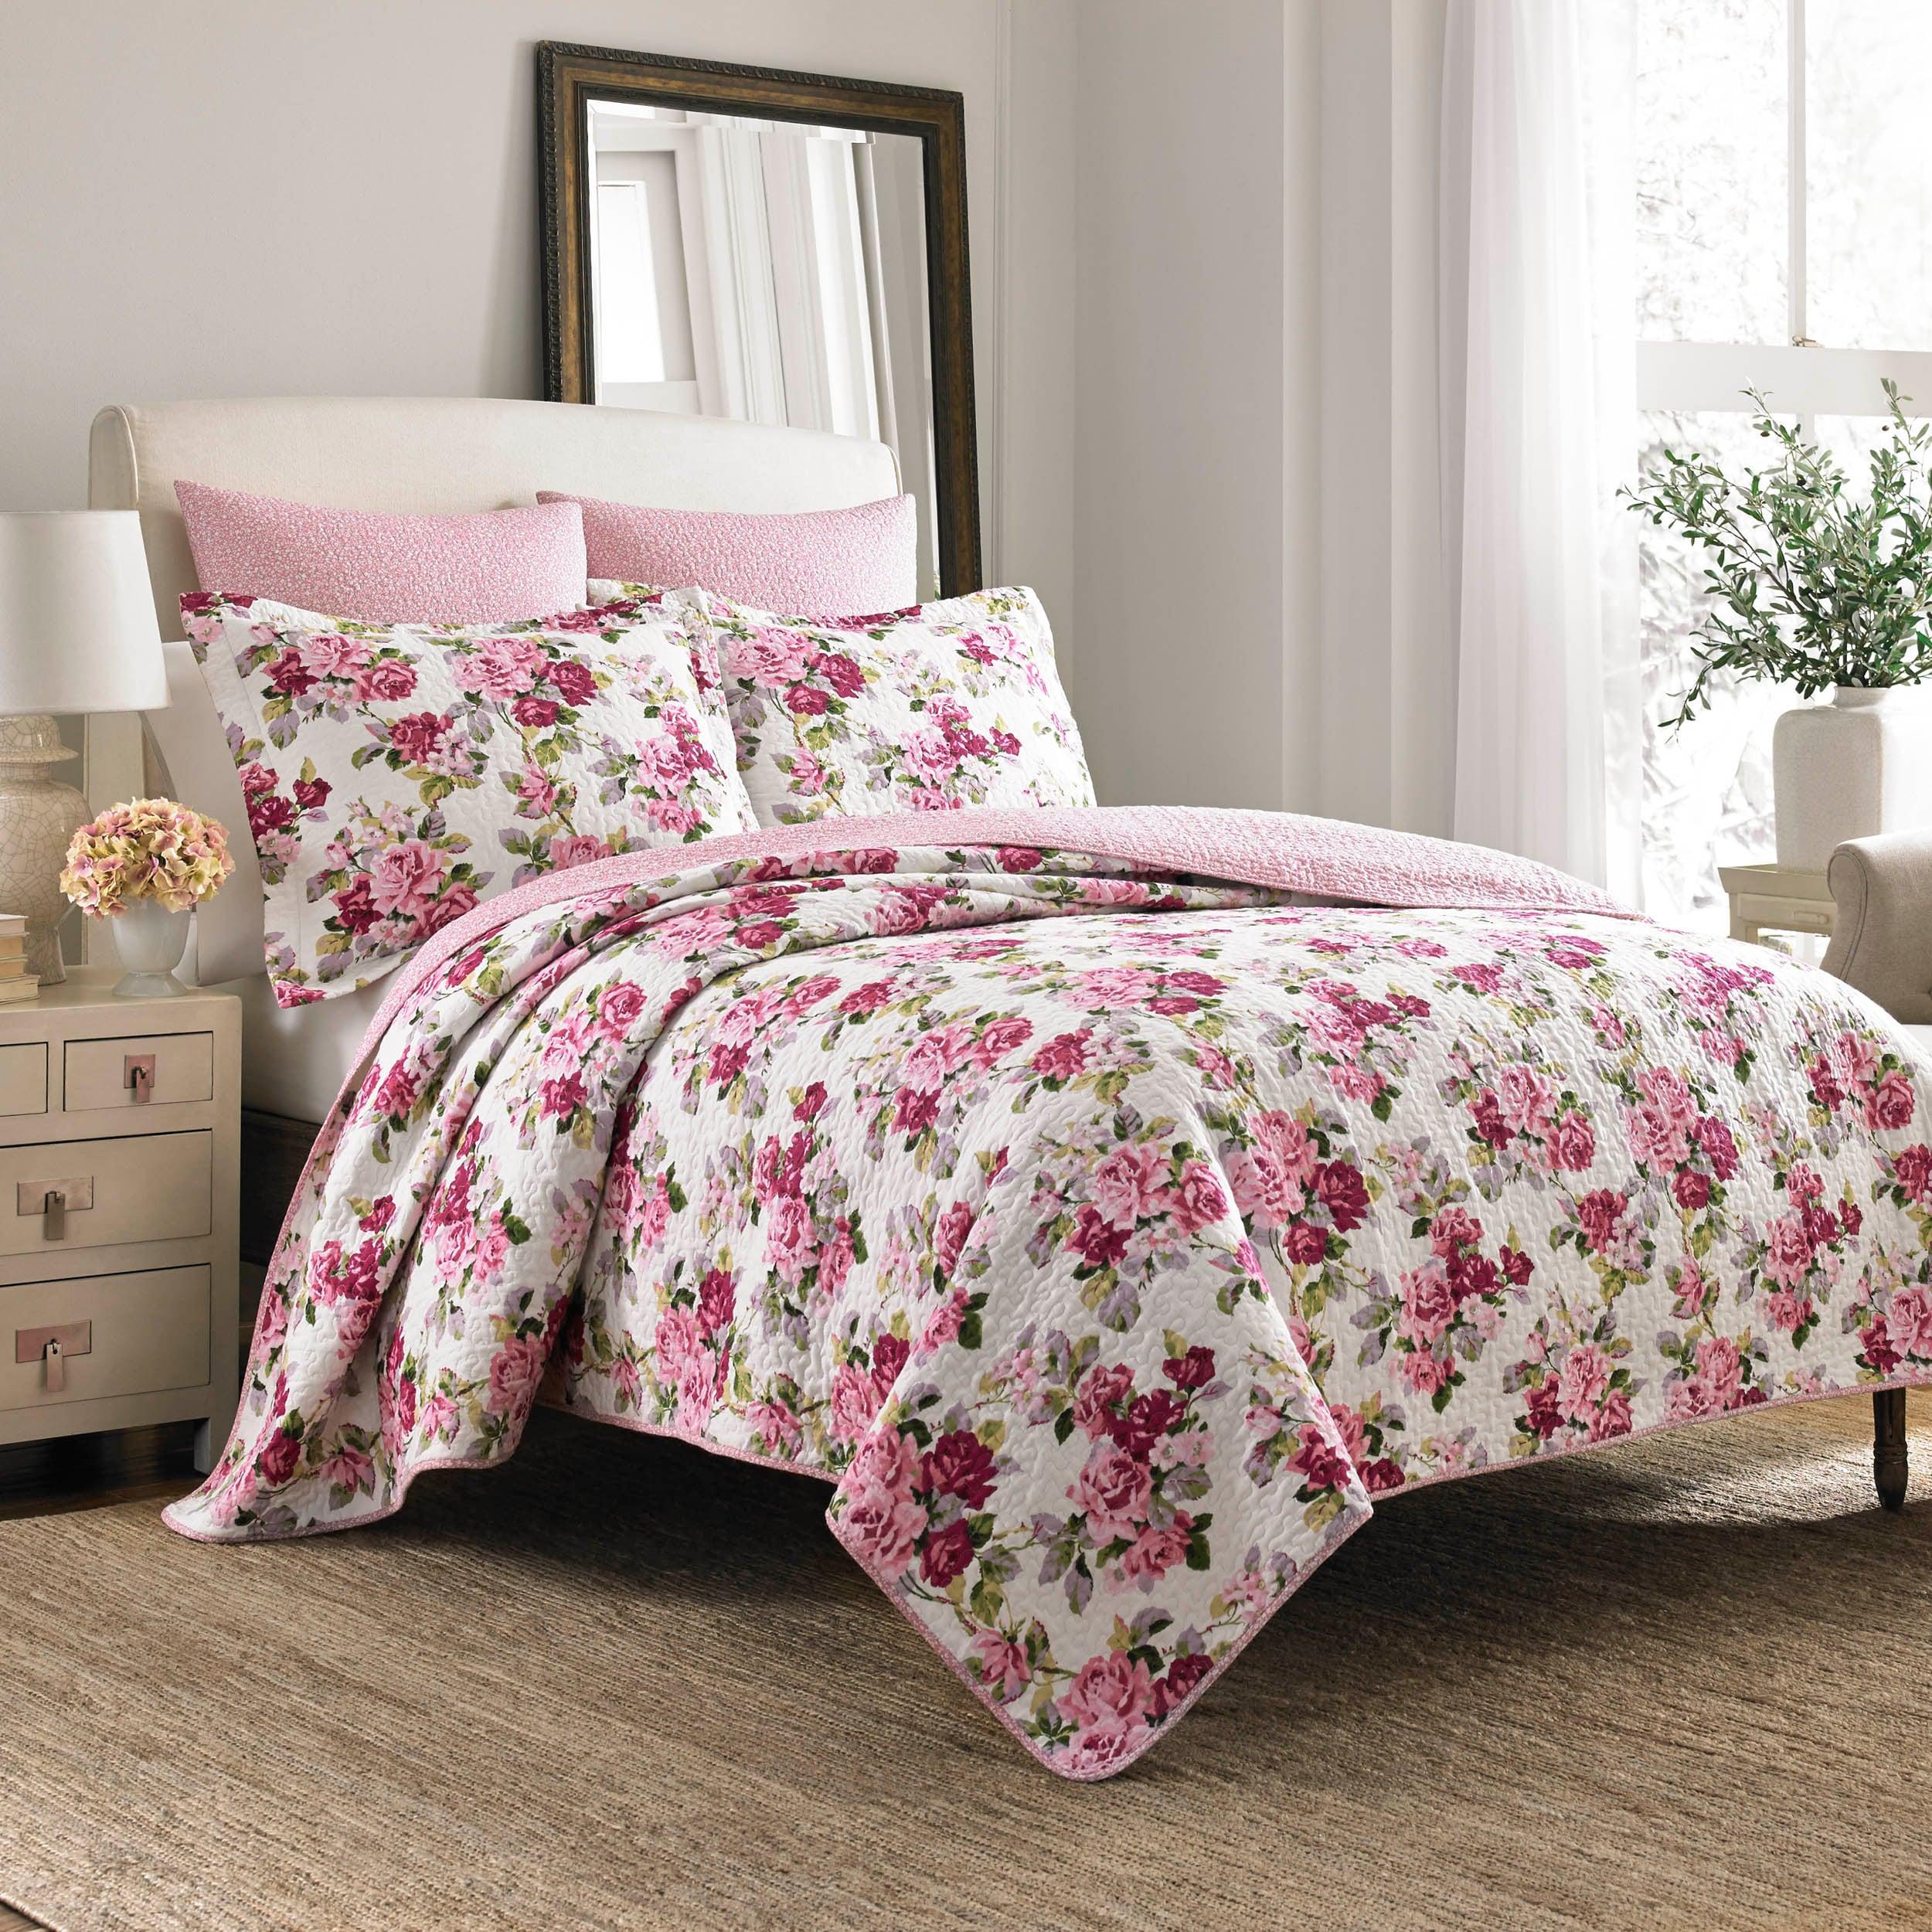 d70daedacb0a Shop Laura Ashley Lidia Cotton 3-piece Reversible Quilt Set - On ...